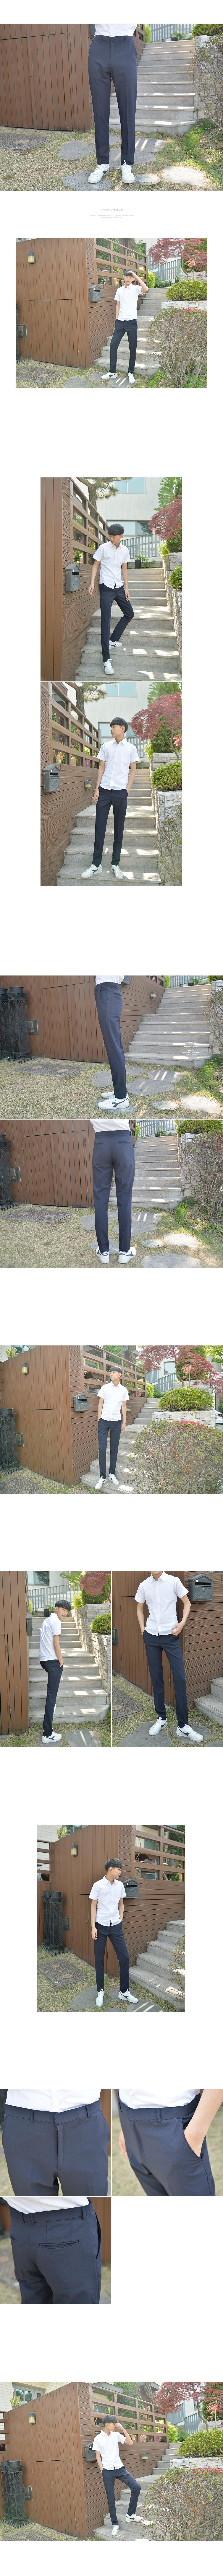 하복 스판 네이비 교복바지 남자바지 - 교복몰, 37,400원, 남성 스쿨룩, 하의